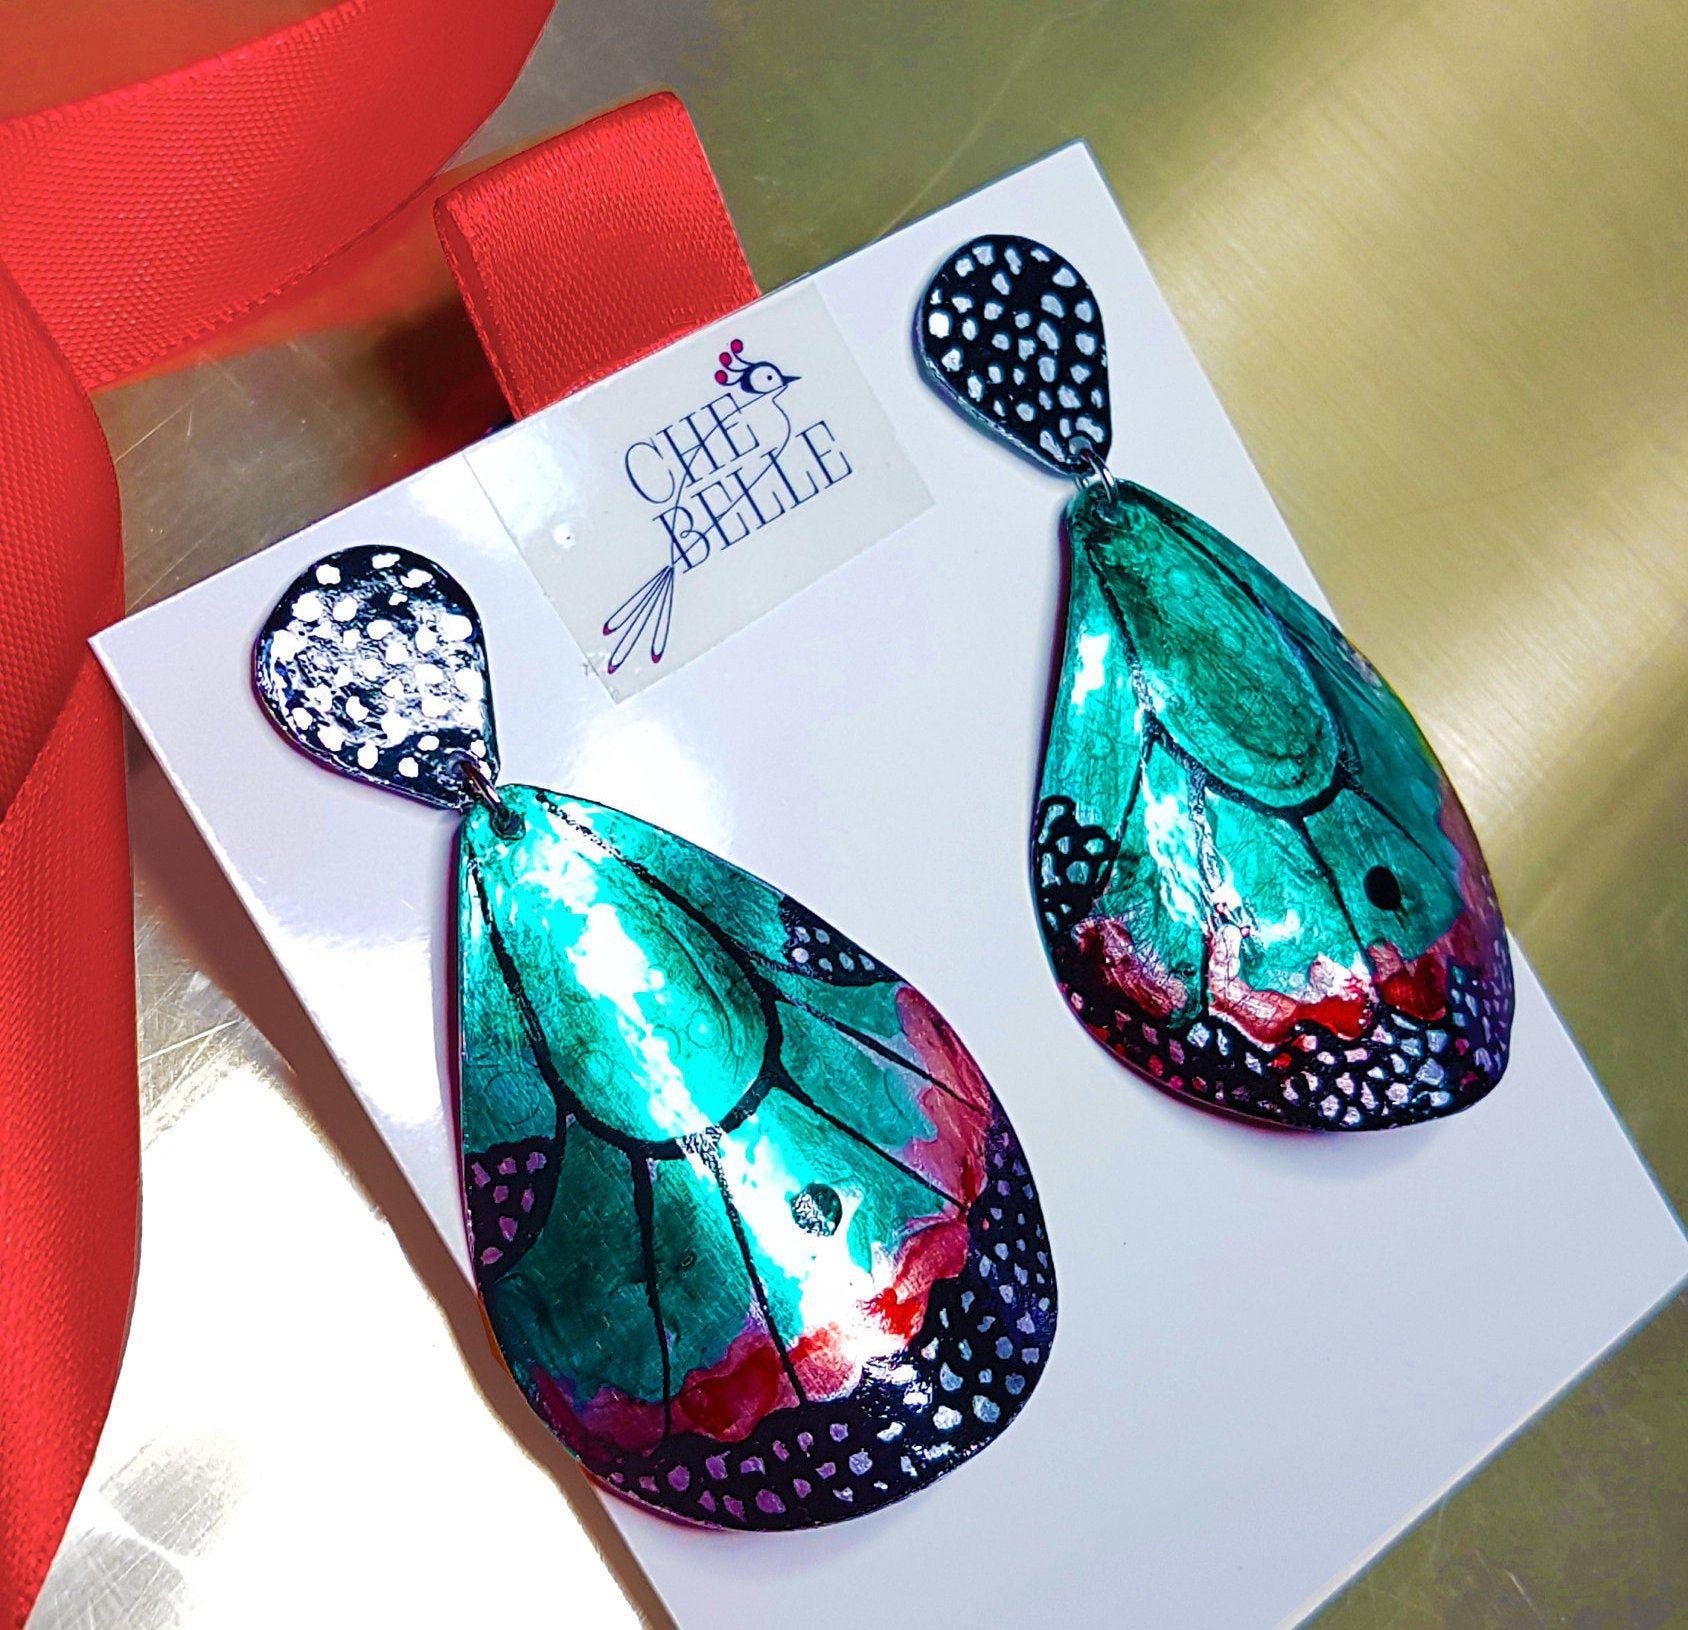 Orecchini -hand made- orecchini fatti a mano -bijoux -orecchini